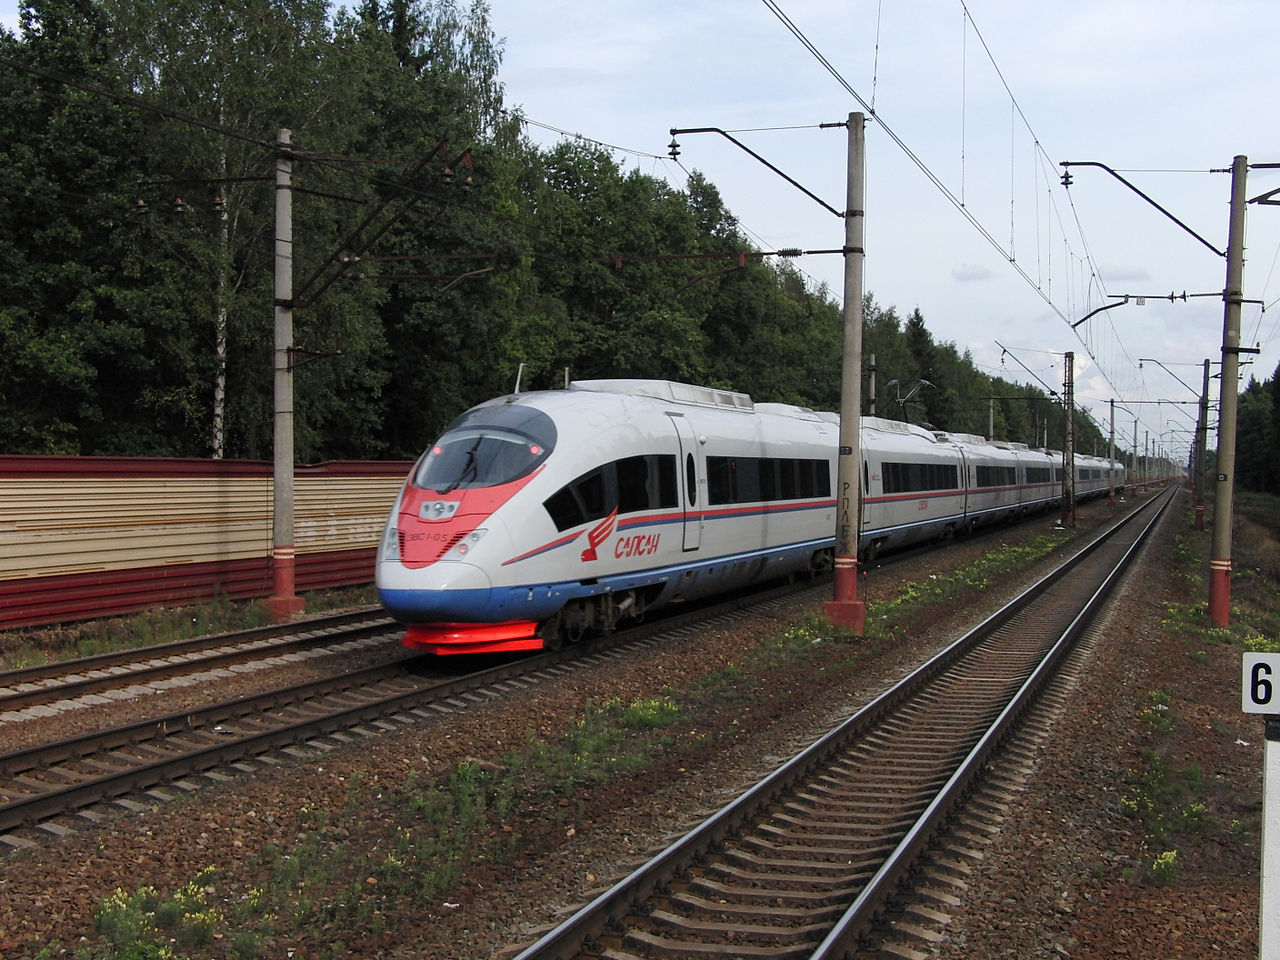 ВСМ «Москва – Санкт-Петербург» не будут финансировать из бюджета